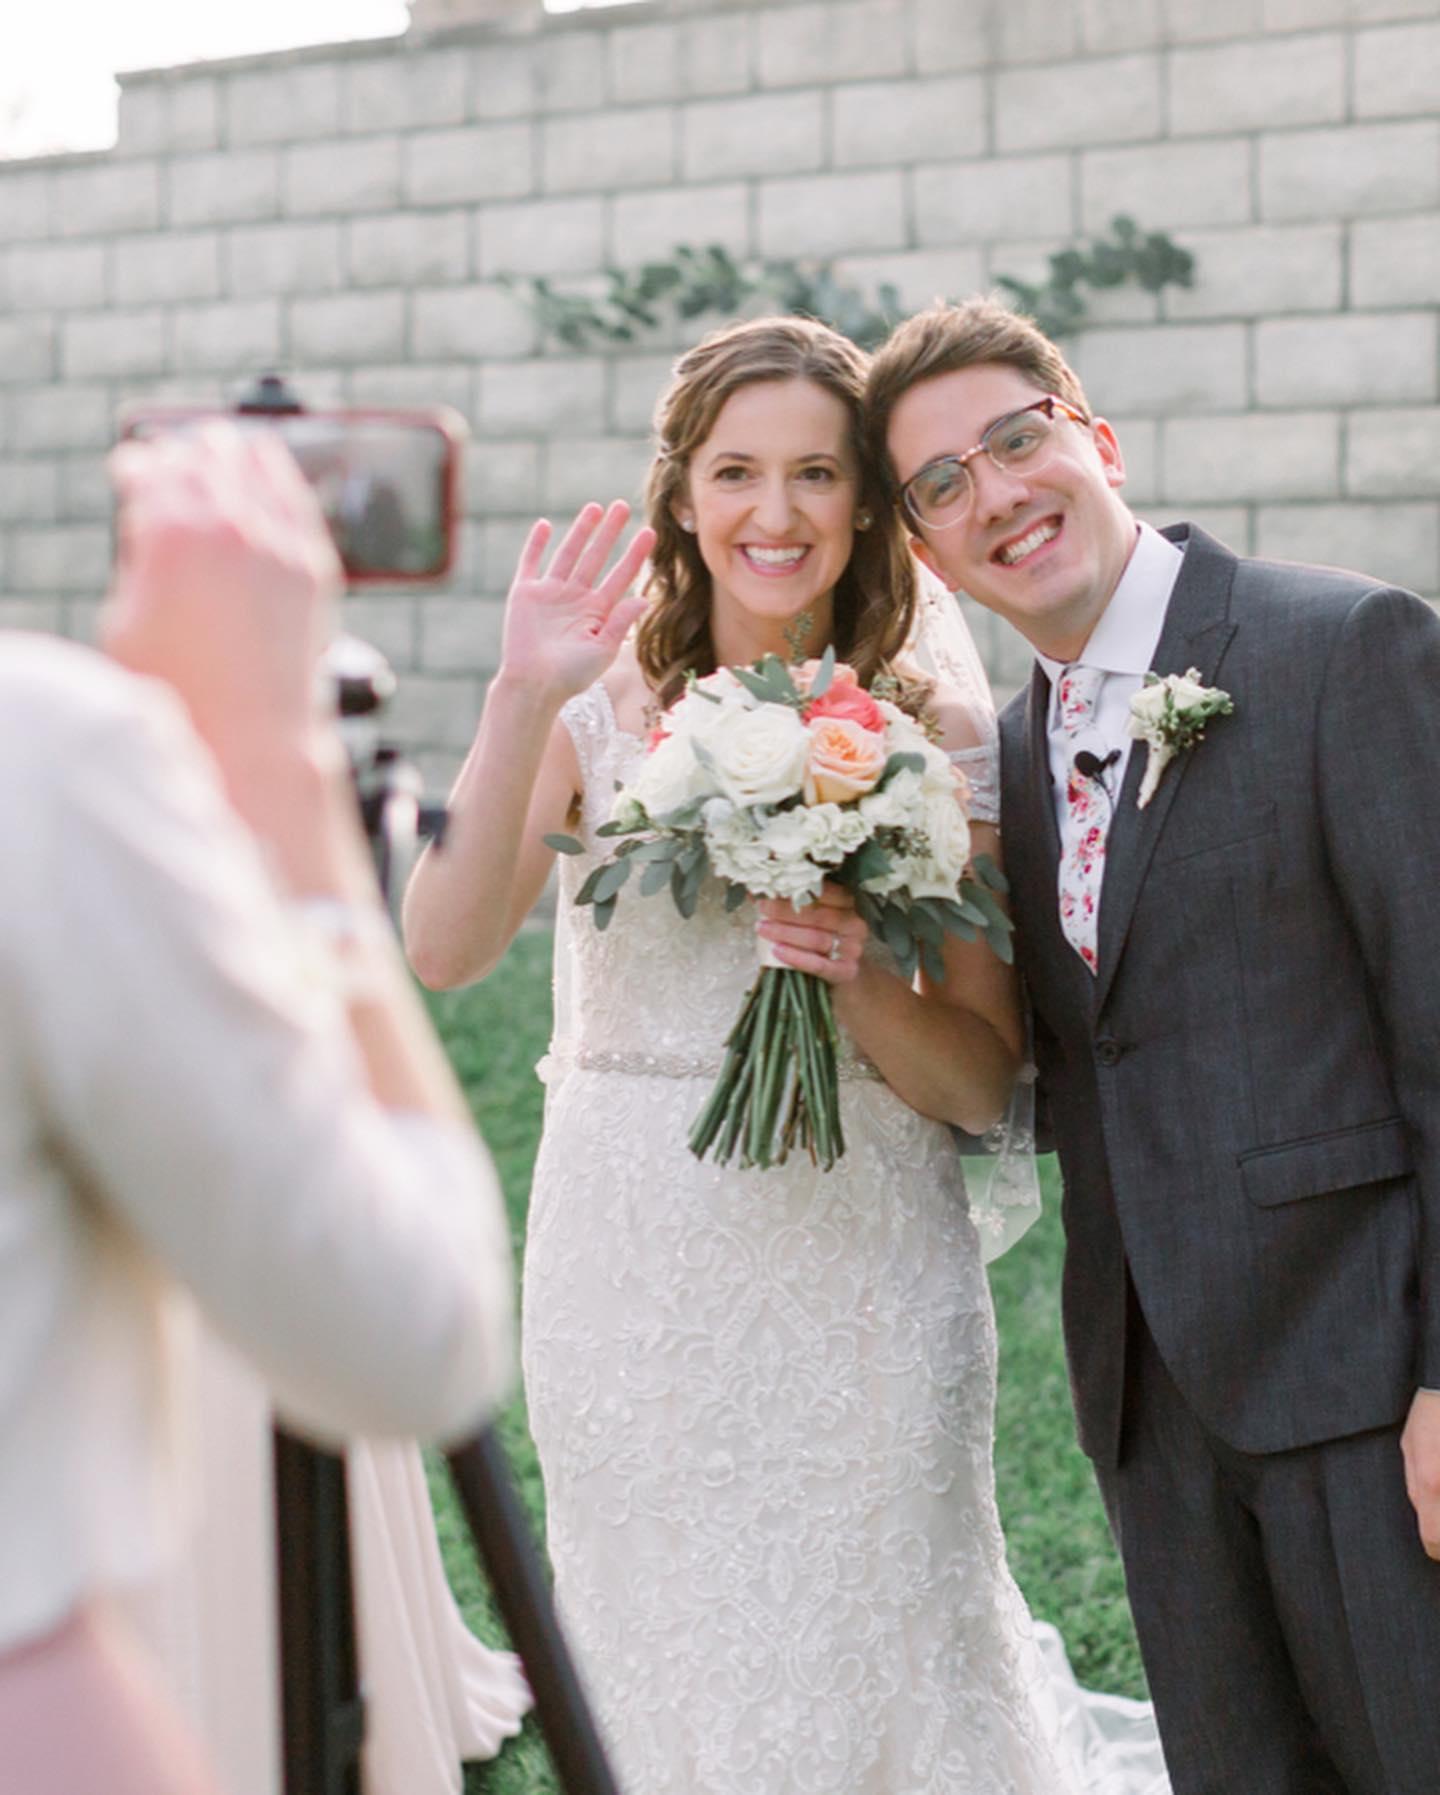 Bride and Groom waving at camera